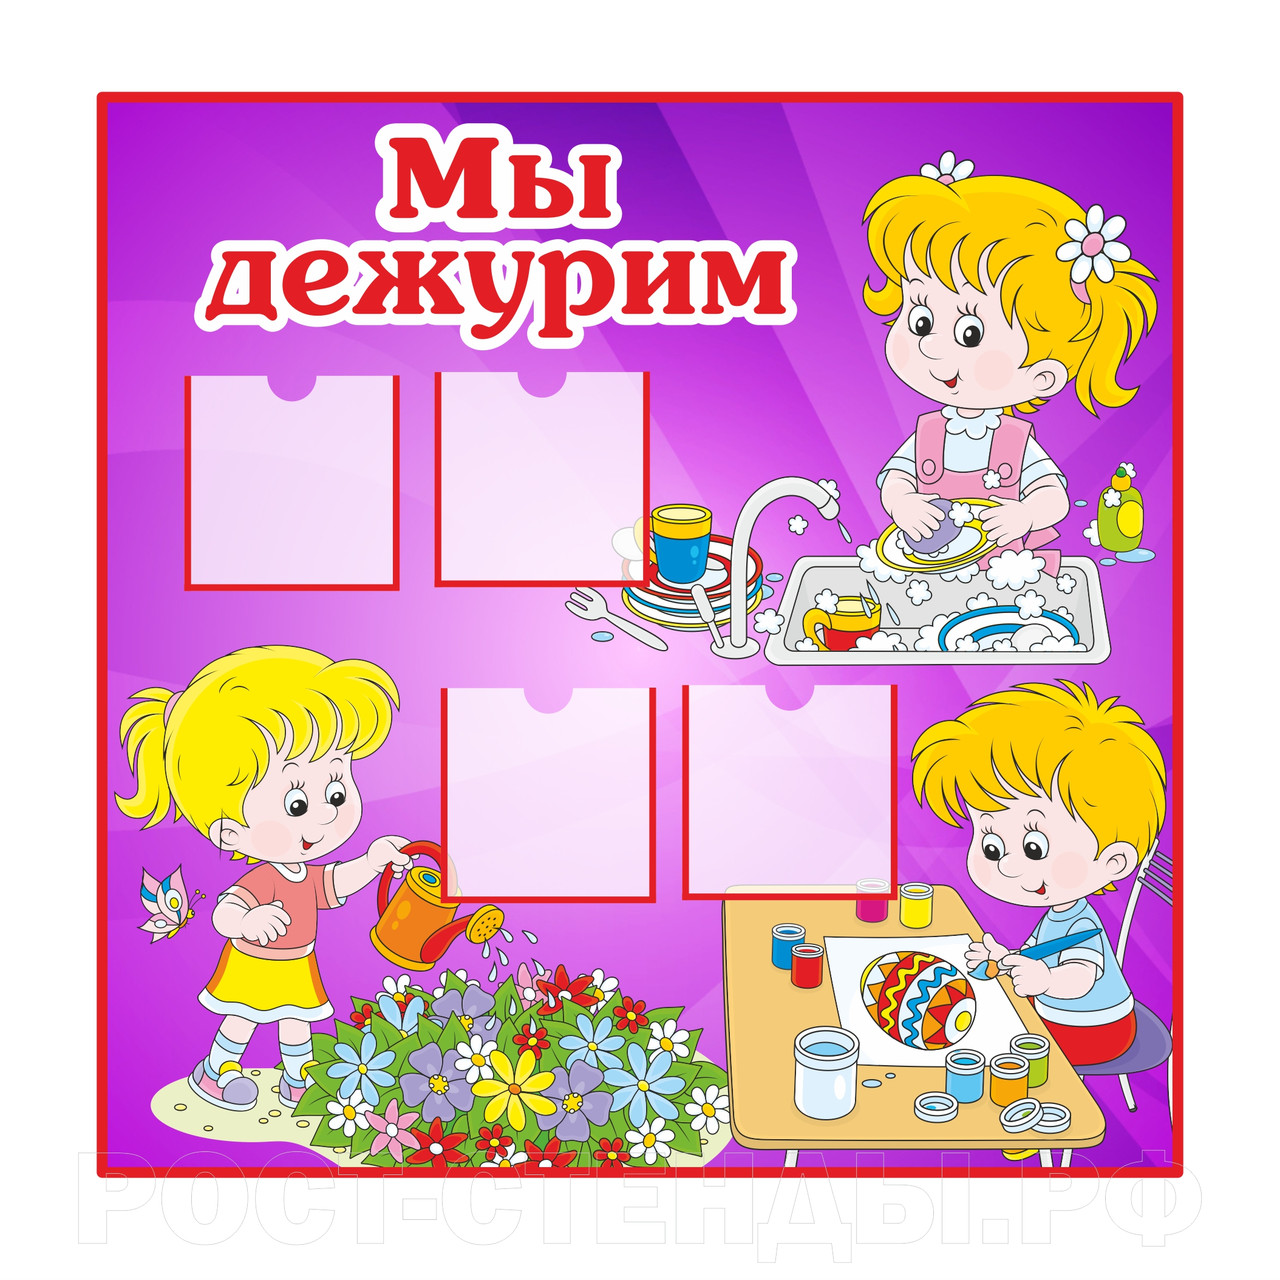 Детский сад картинки на стенд